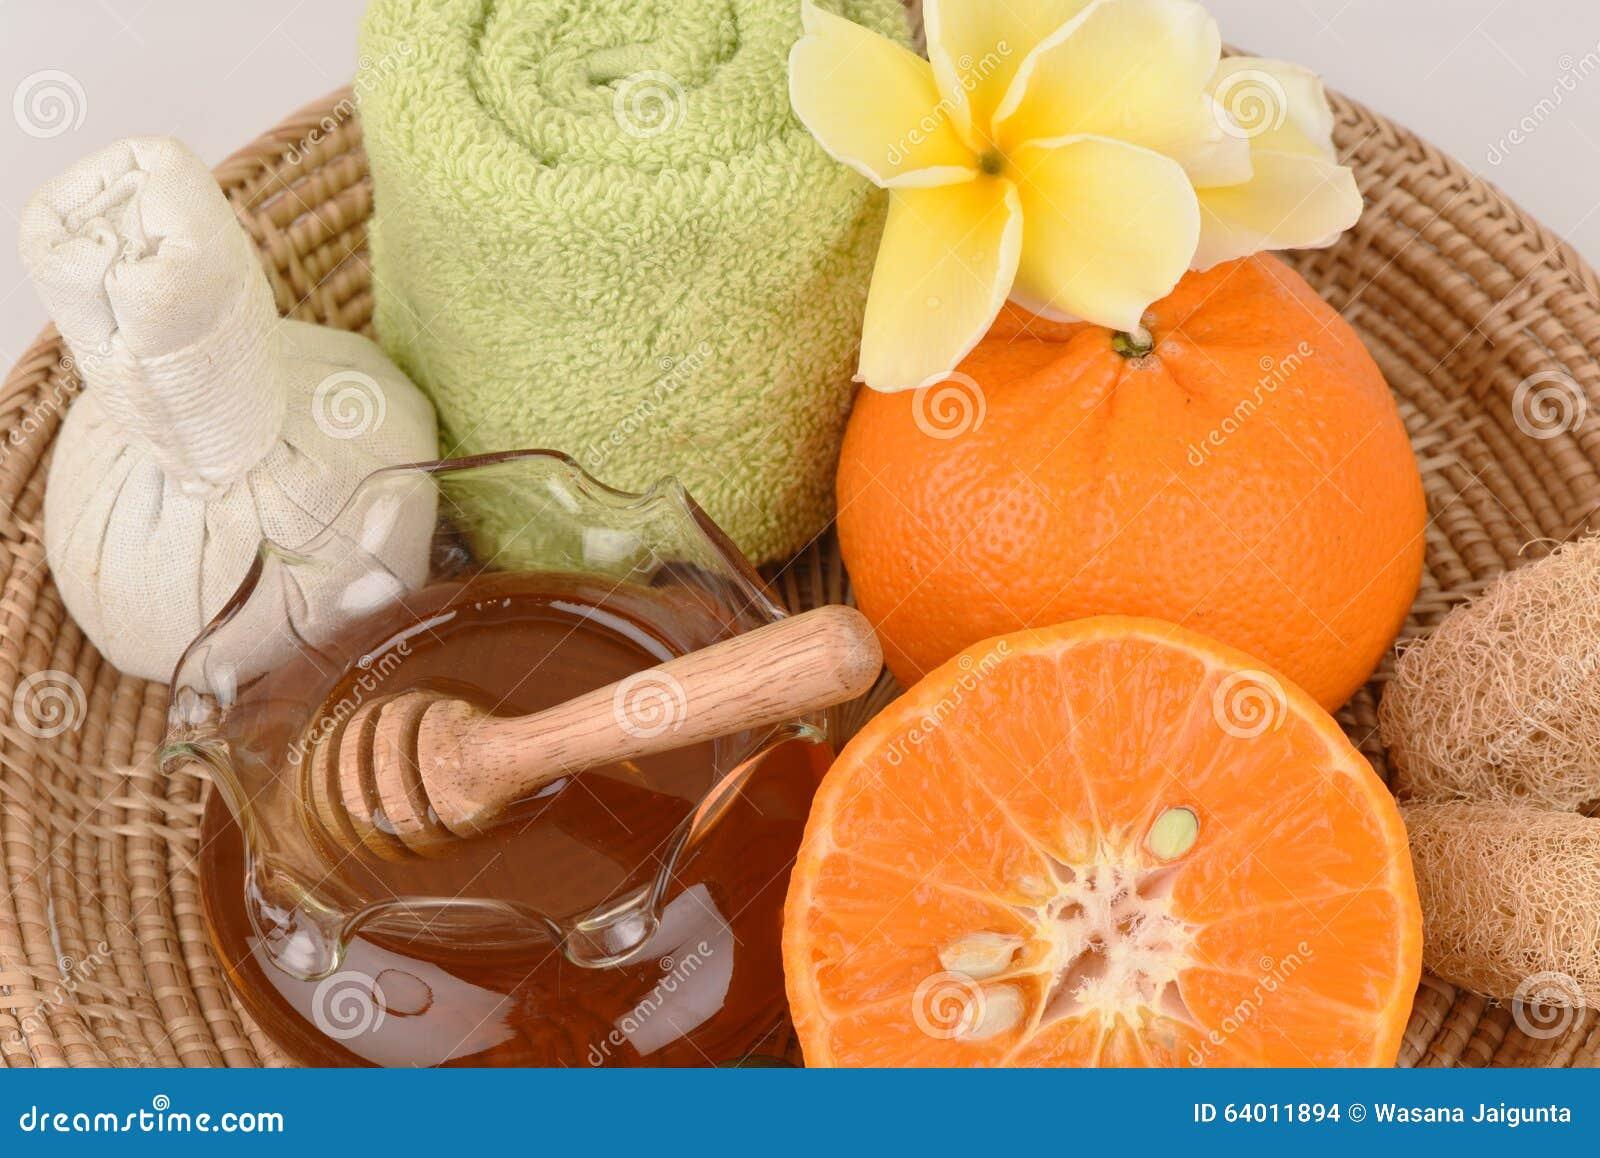 Máscara protetora com a laranja e o mel para alisar clarear a pele e a acne faciais